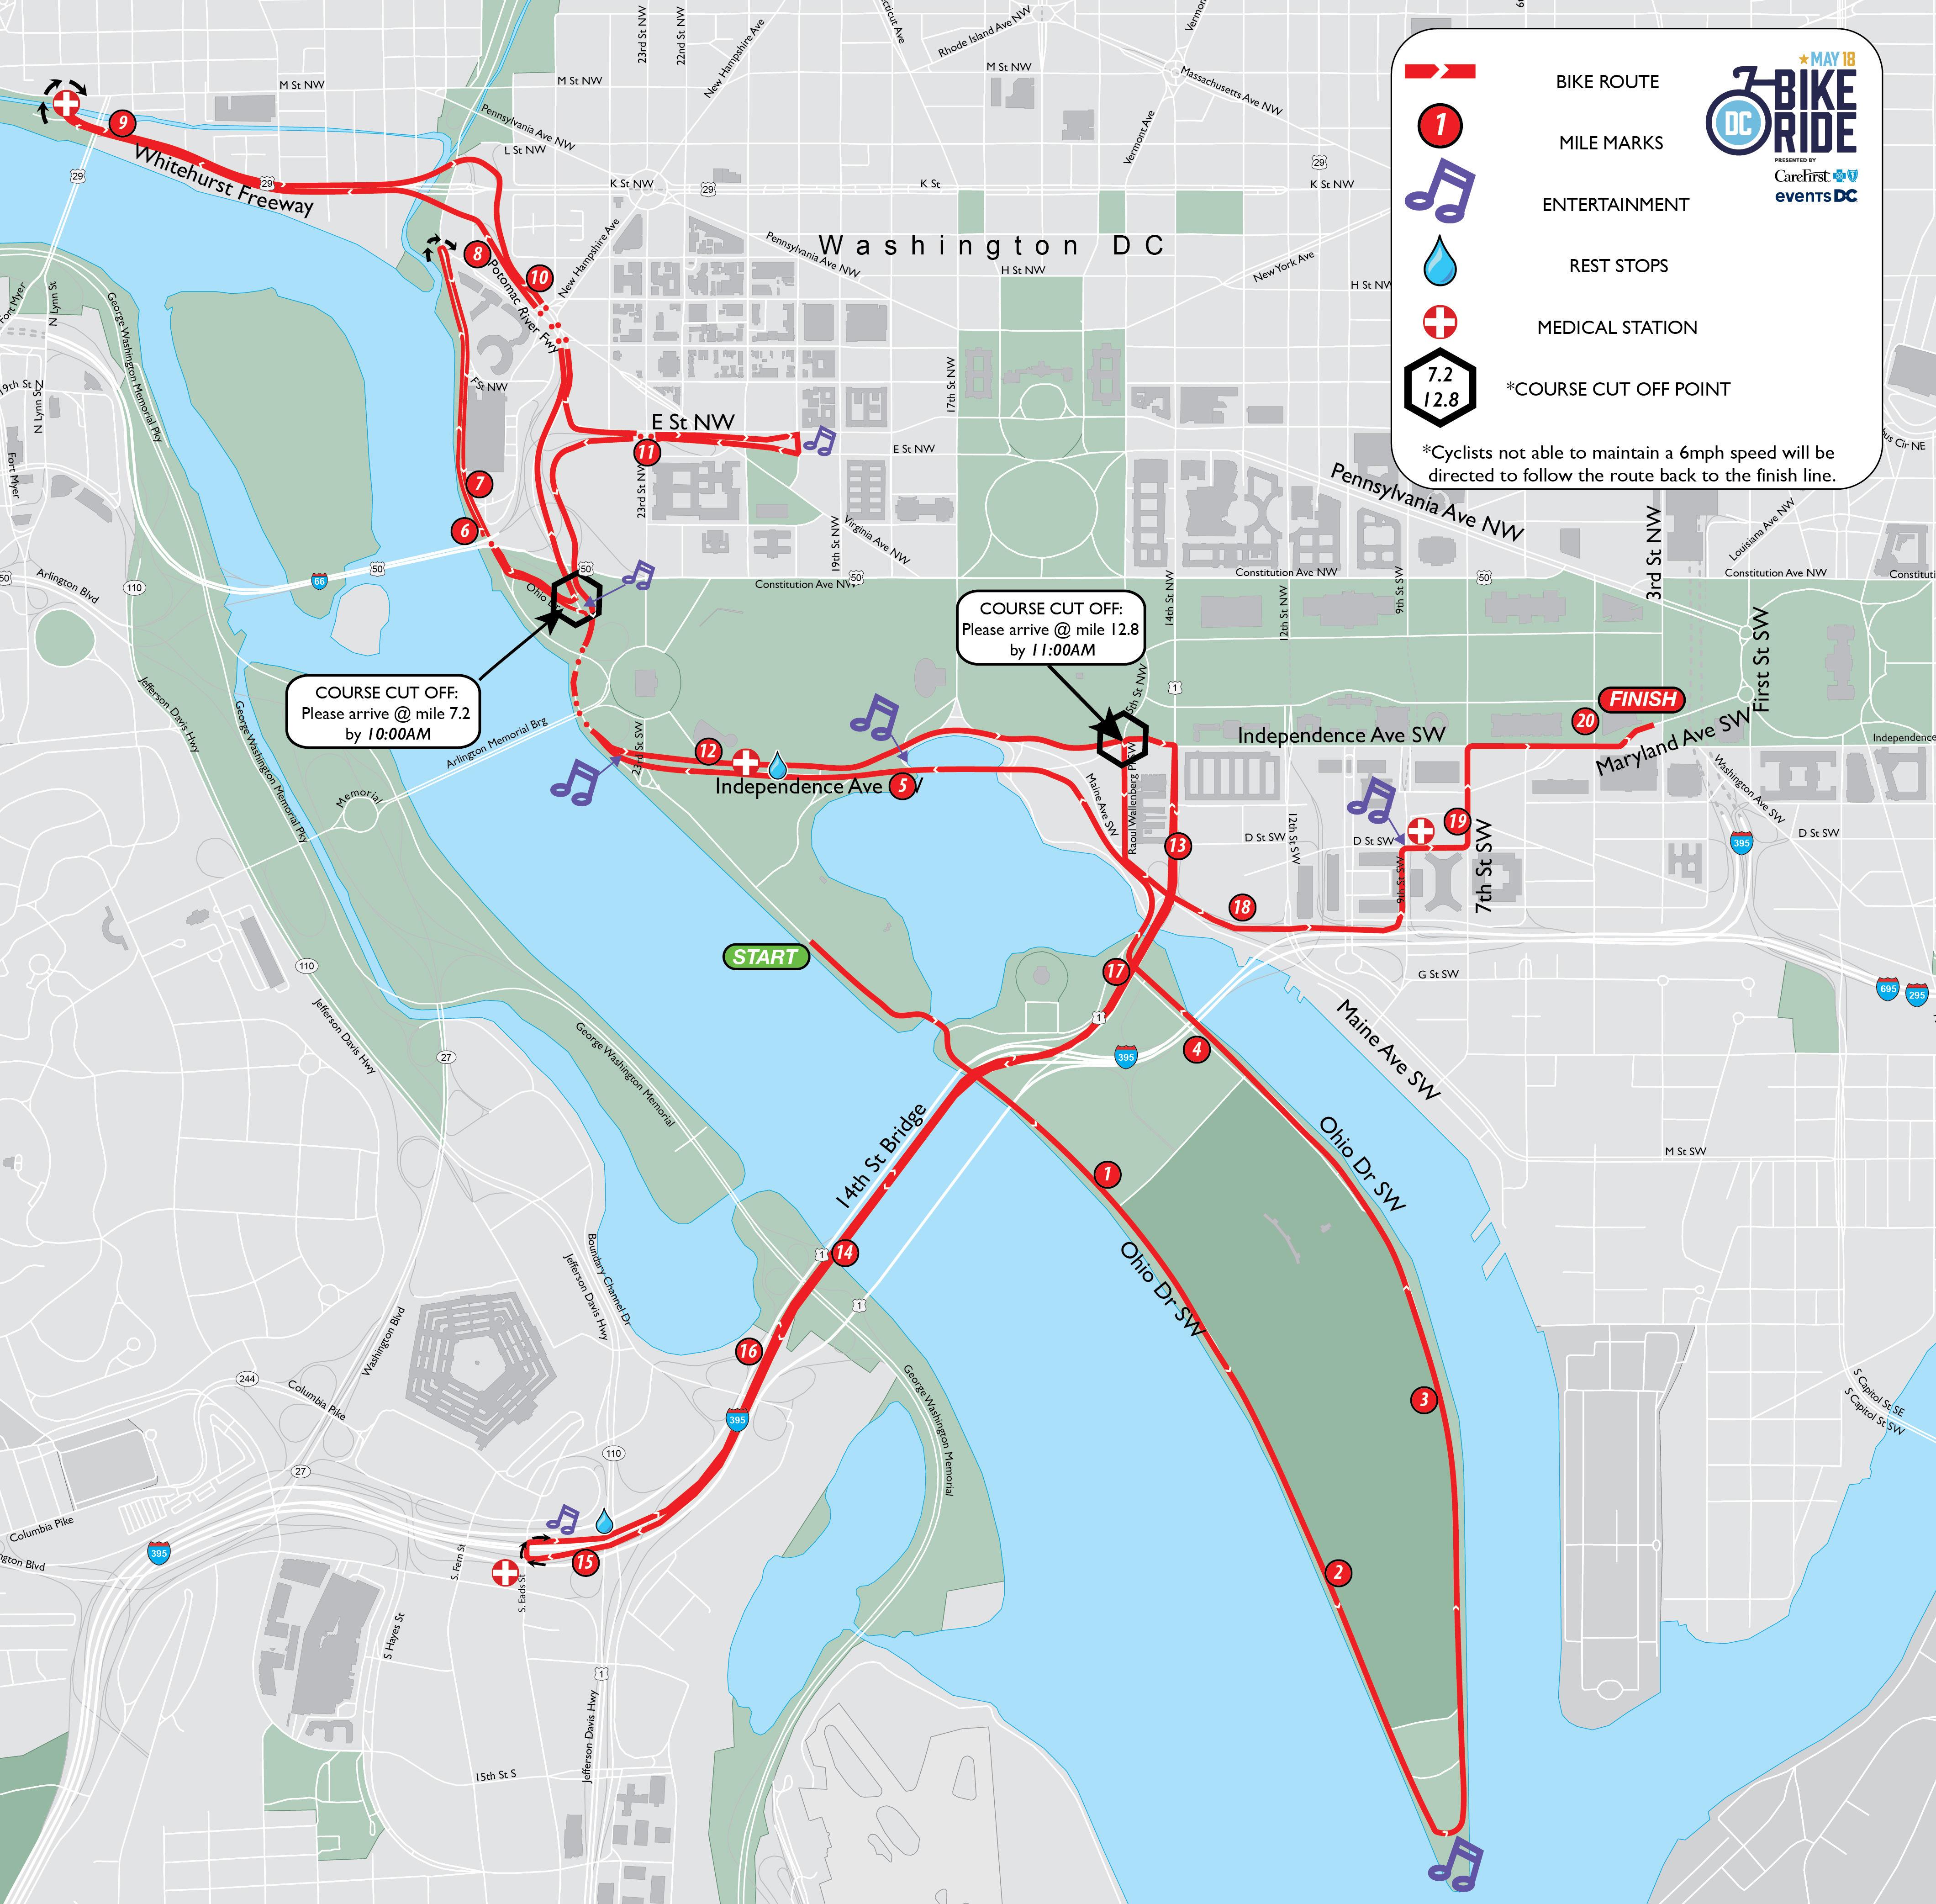 DC Bike Ride brings weekend street closures | WTOP Dc Bike Map on